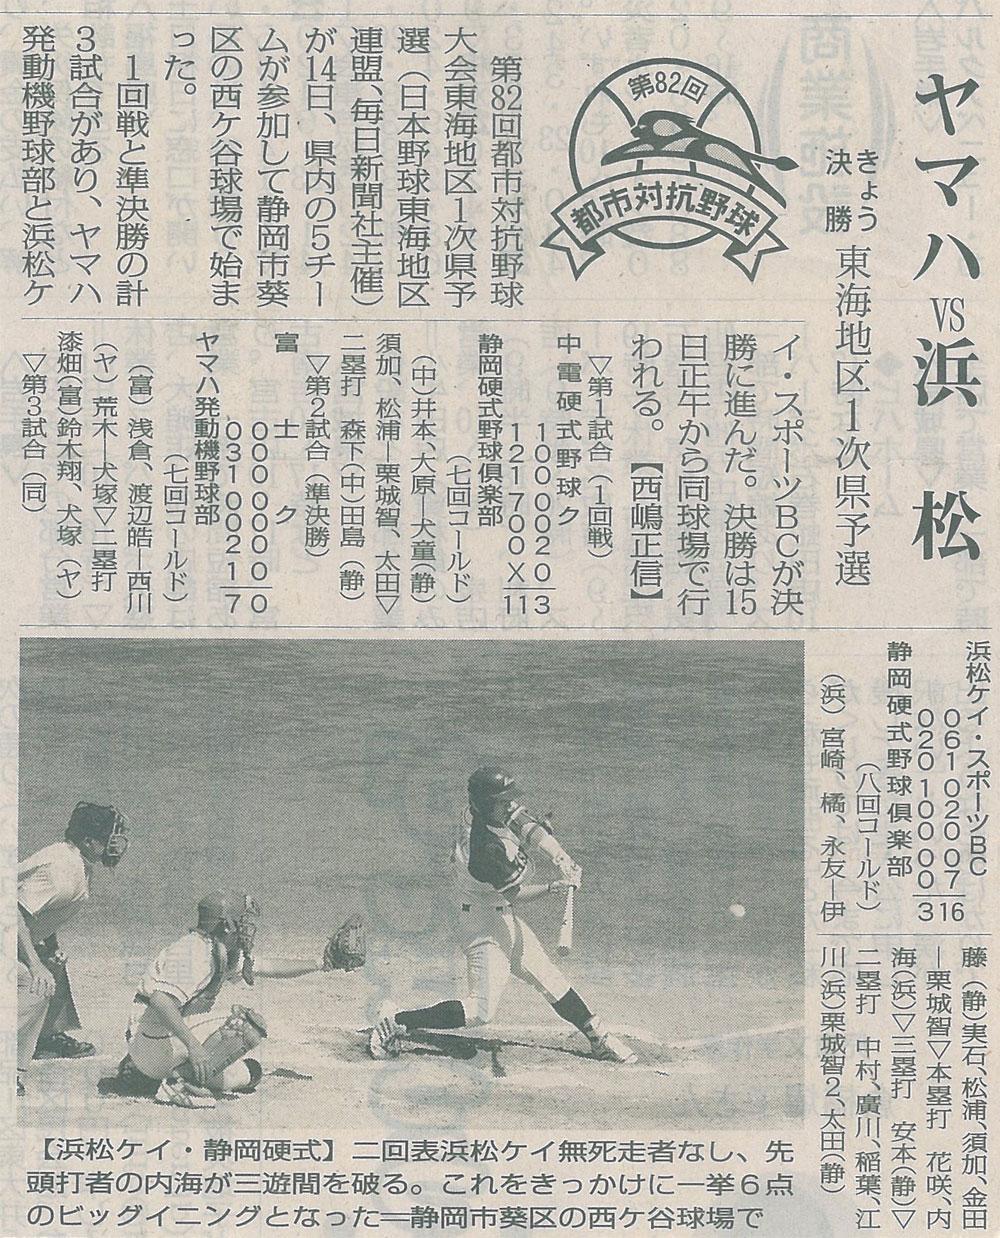 第82回都市対抗野球大会東海地区1次県予選